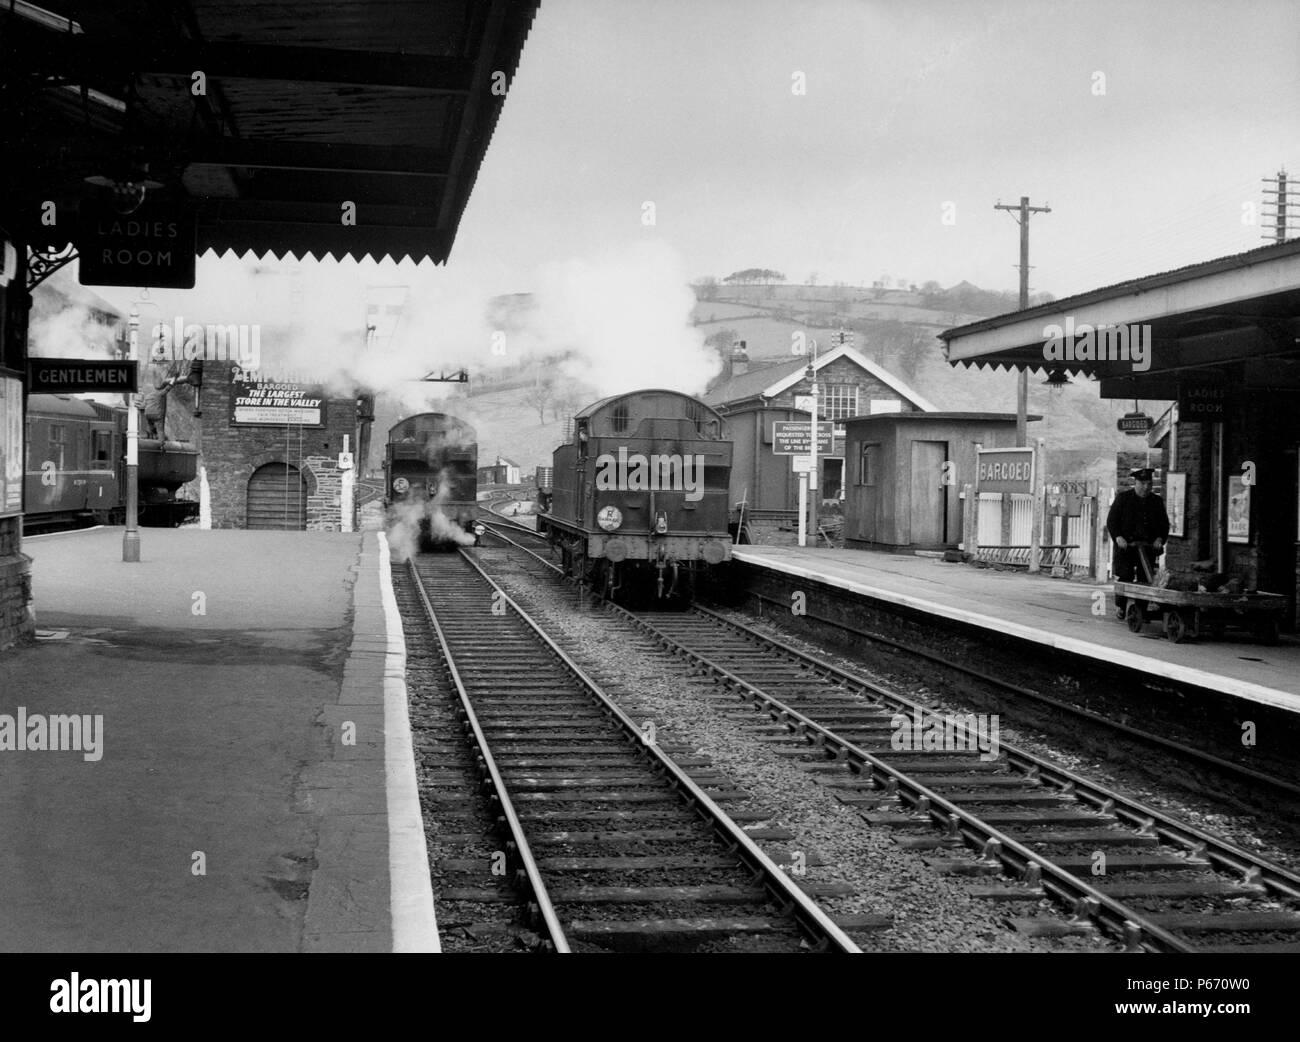 Les deux pistes de l'nord-à la gare de Bargoed l'origine de la ligne principale du chemin de fer Rhymney de Cardiff à Rhymney. Dans ce v Banque D'Images